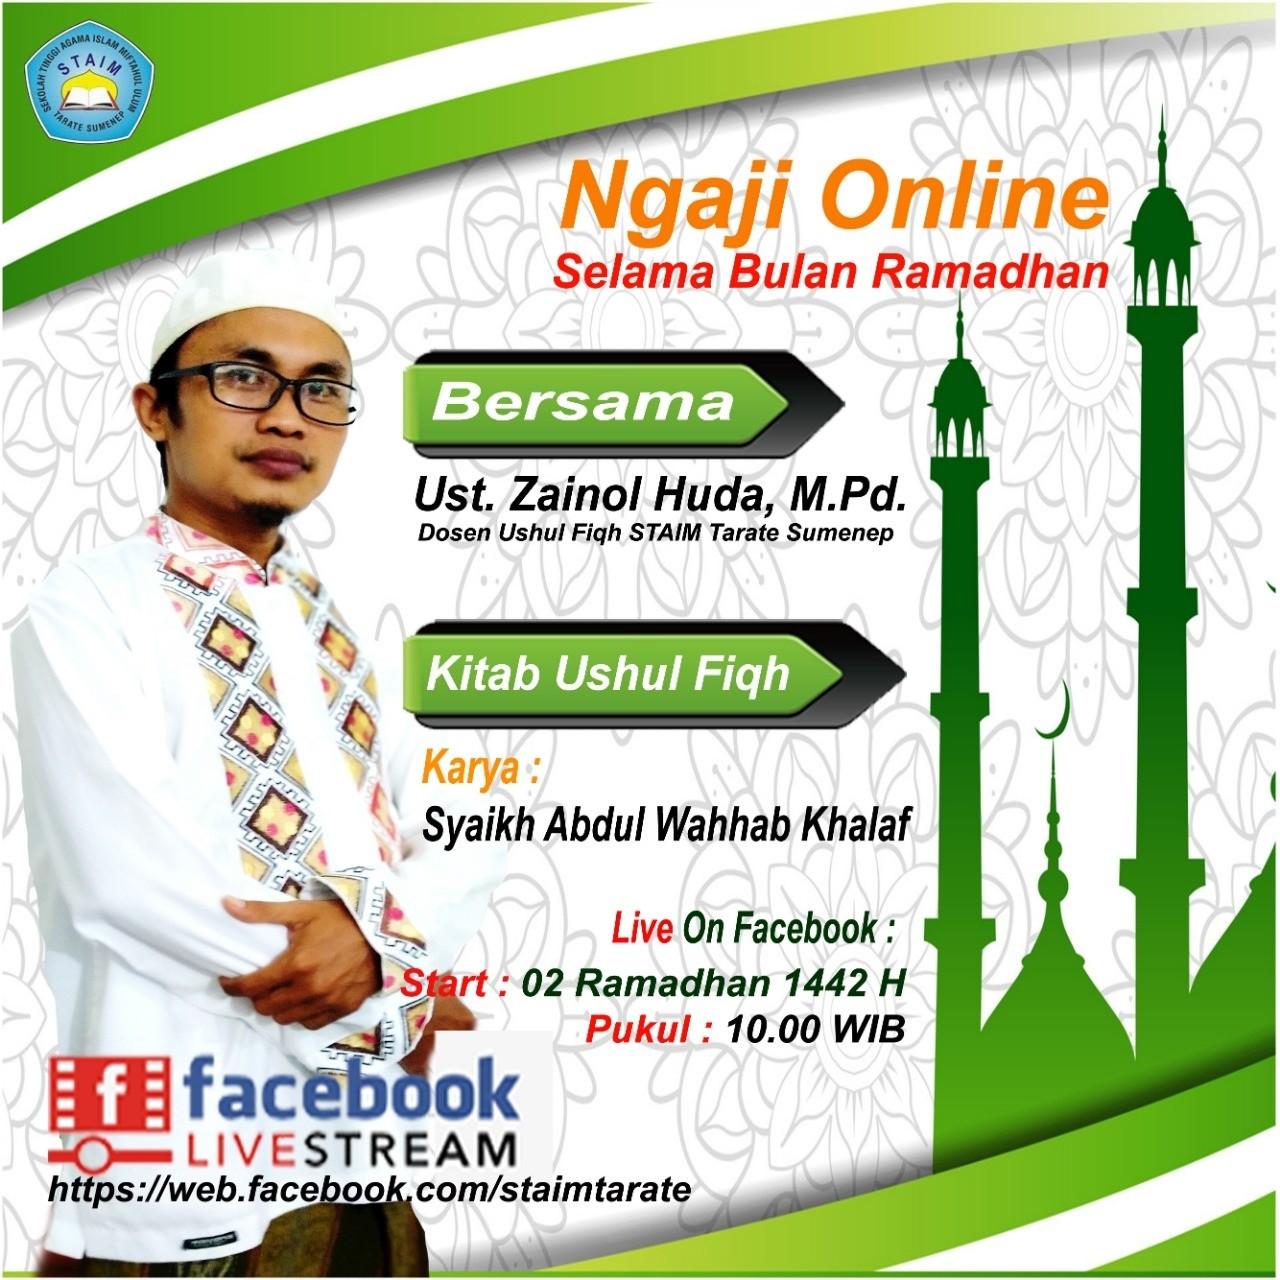 Ngaji_Online_Zainol_Huda.jpg